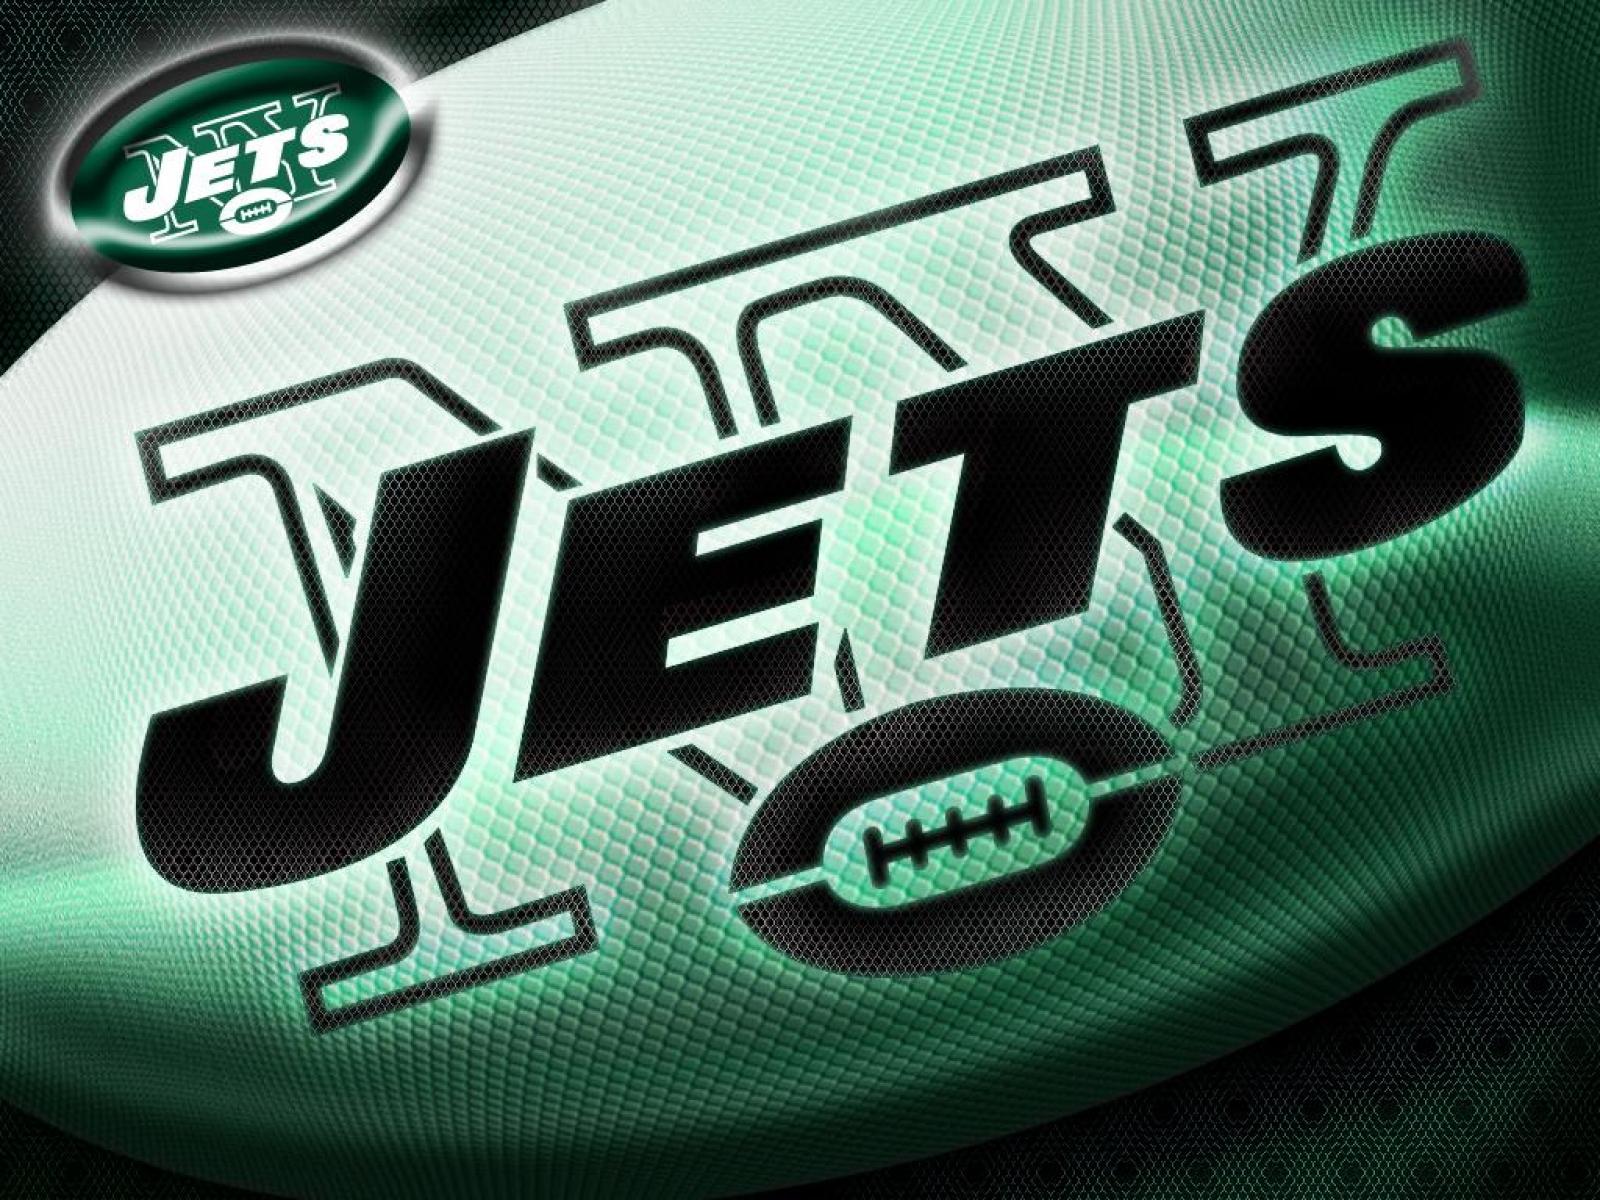 49 Ny Jets Wallpaper And Screensaver On Wallpapersafari